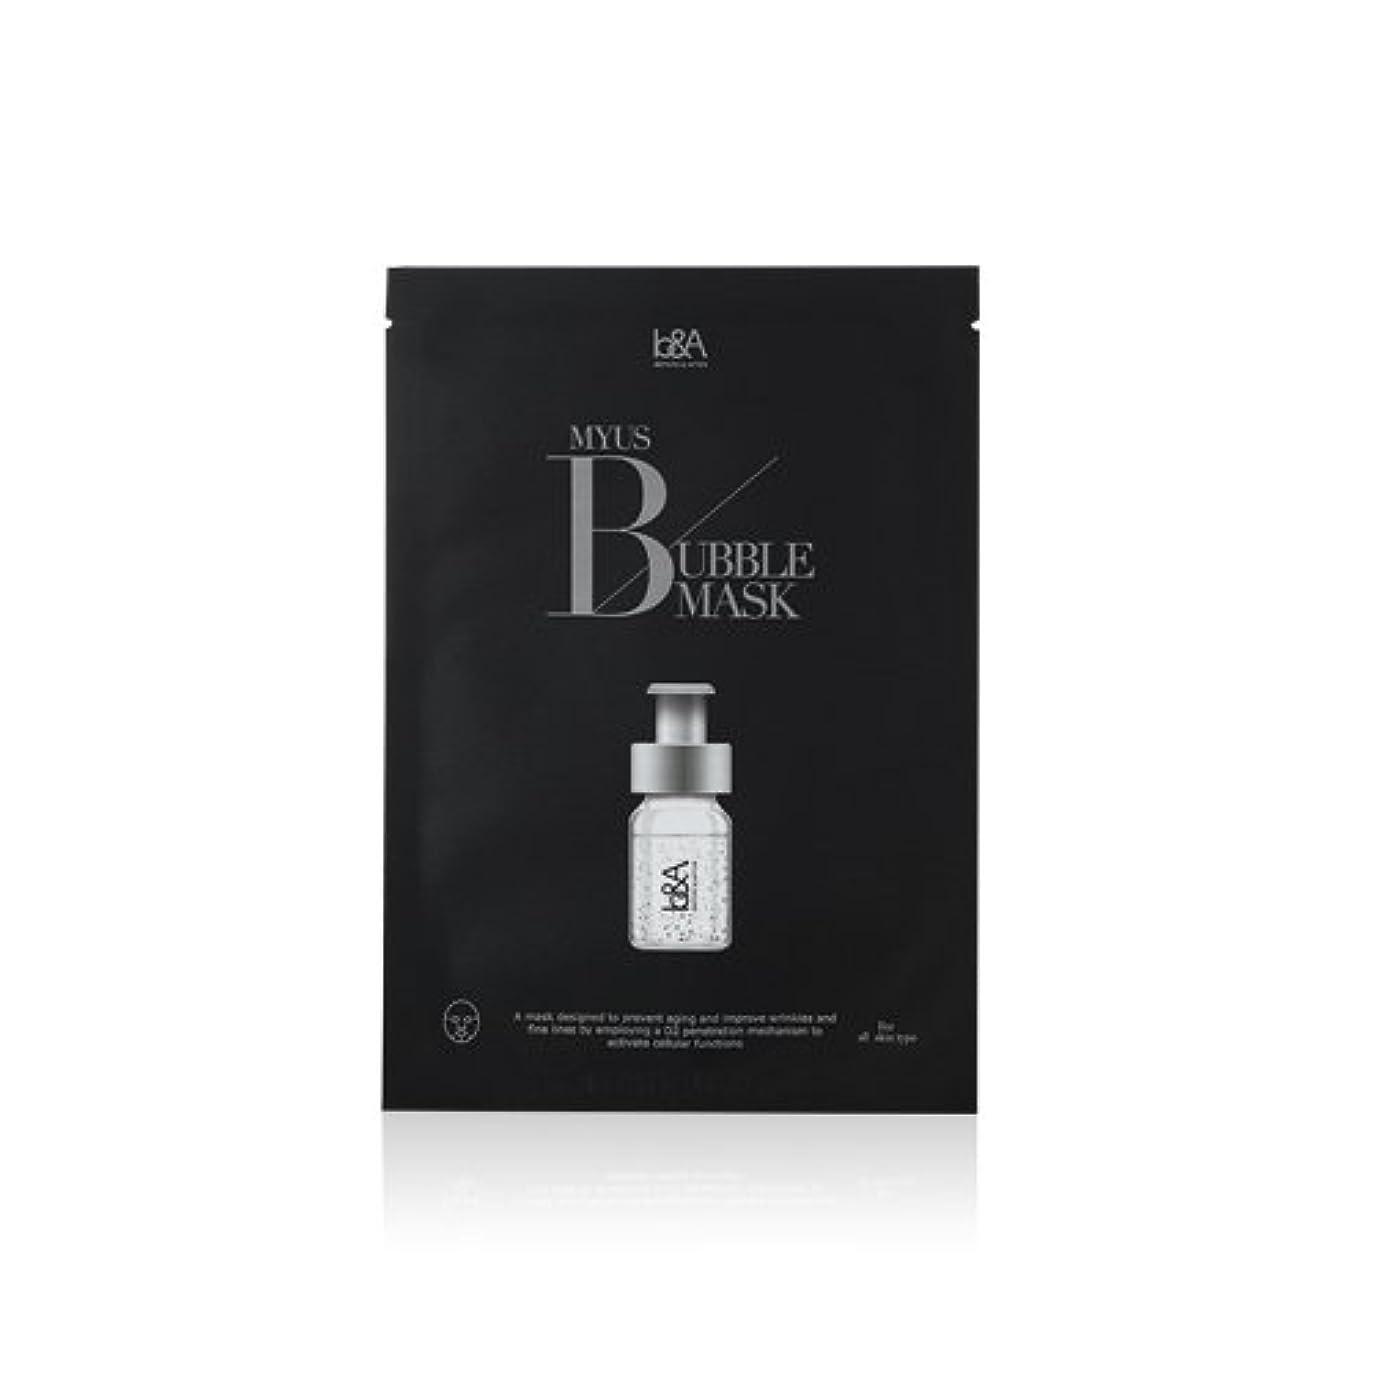 エジプト人ボリューム根拠BigBang Top [K cosmetic][K beauty] Celeb's-Secret MYUS BUBBLE MASK 5pcs [海外直送品][並行輸入品]